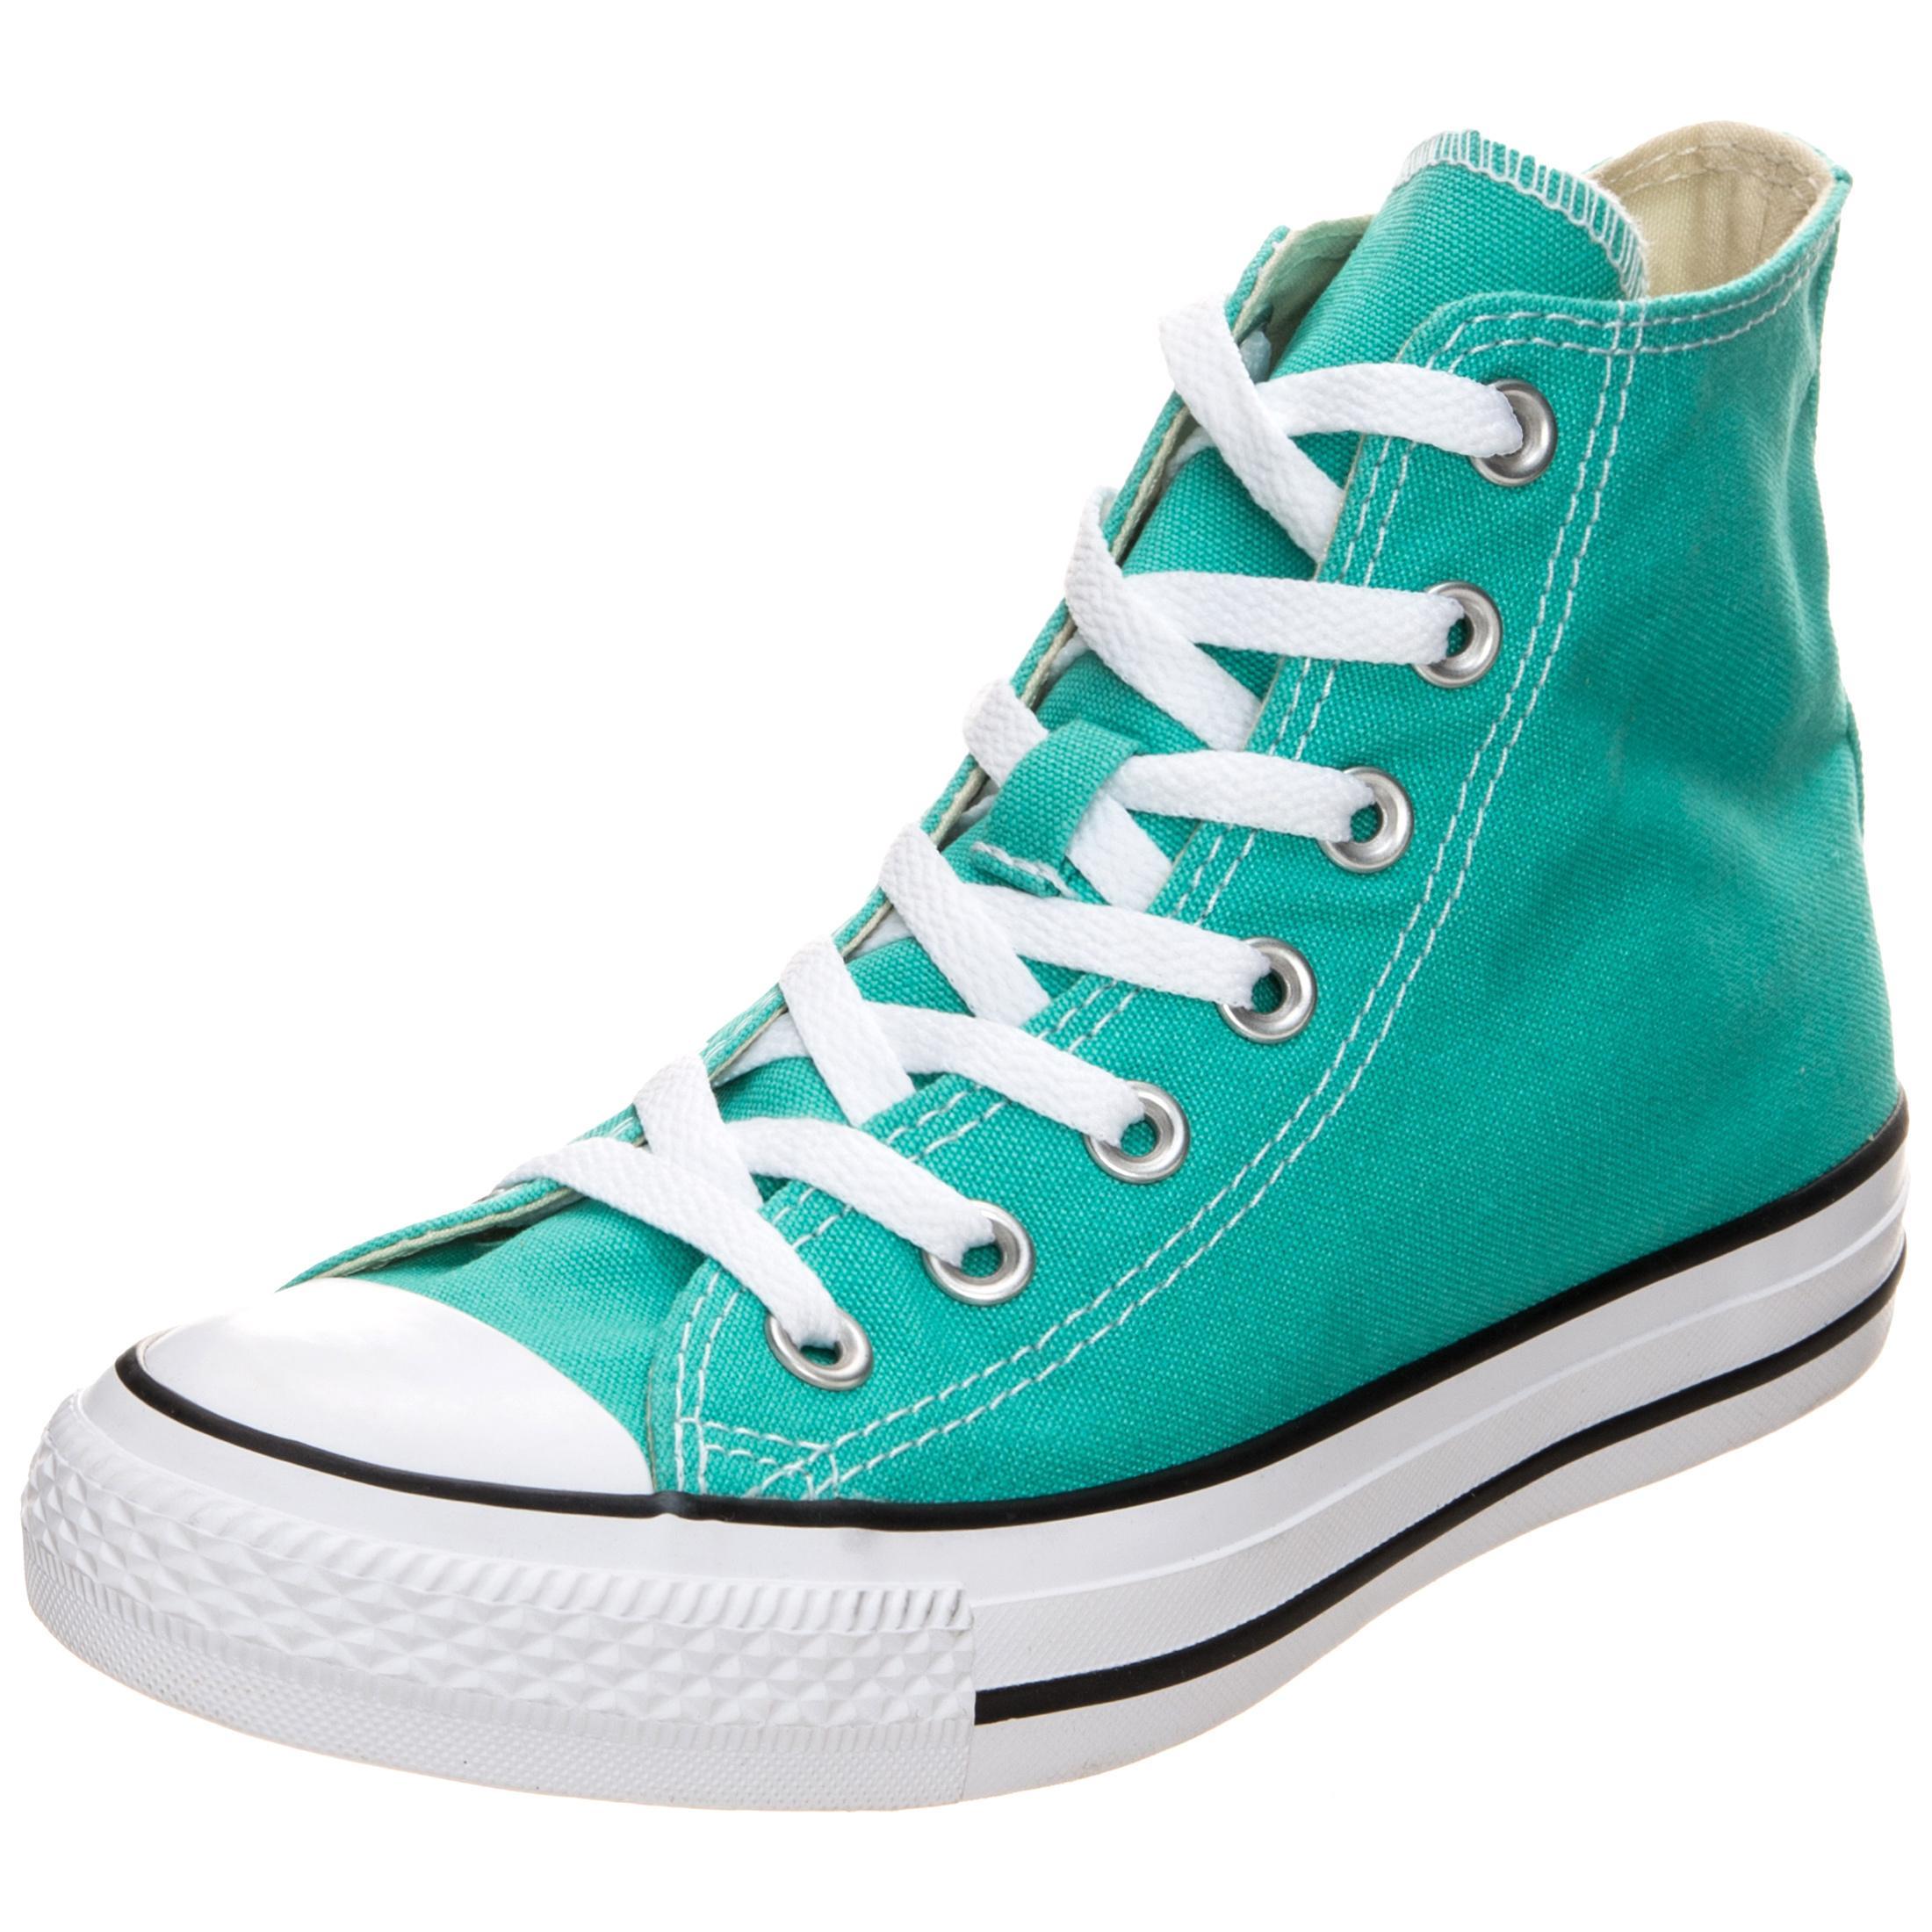 watch 7ab6c ddcb5 CONVERSE Chuck Taylor All Star Sneaker Herren türkis im Online Shop von  SportScheck kaufen